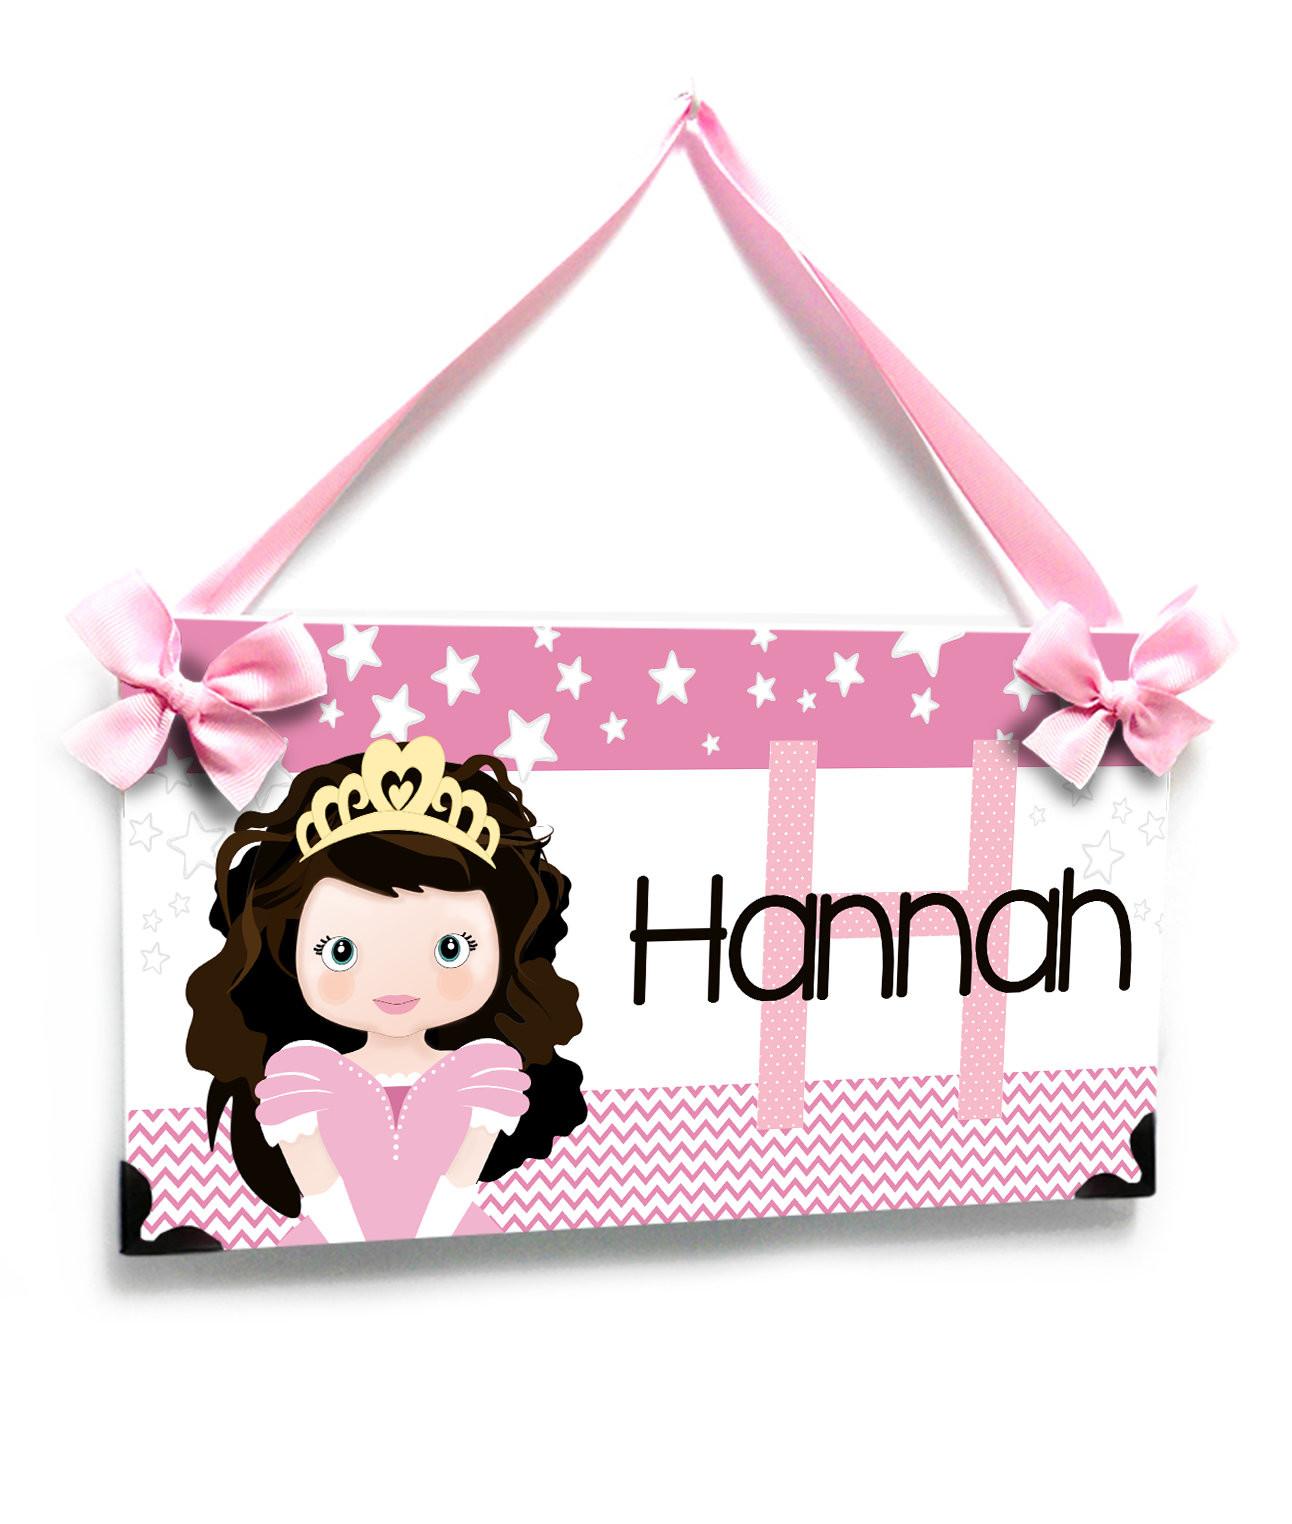 Plaque Porte Personnalisé Sweet Princesse Pépinière Nom Plaque Rose Avec des Etoiles PK40